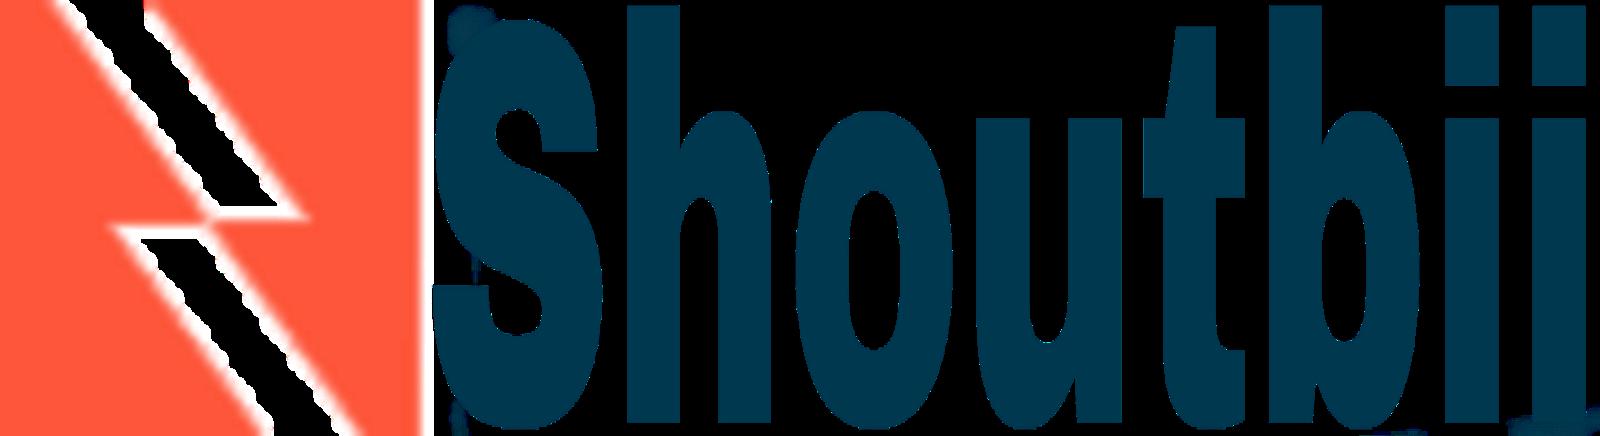 SHOUTBII